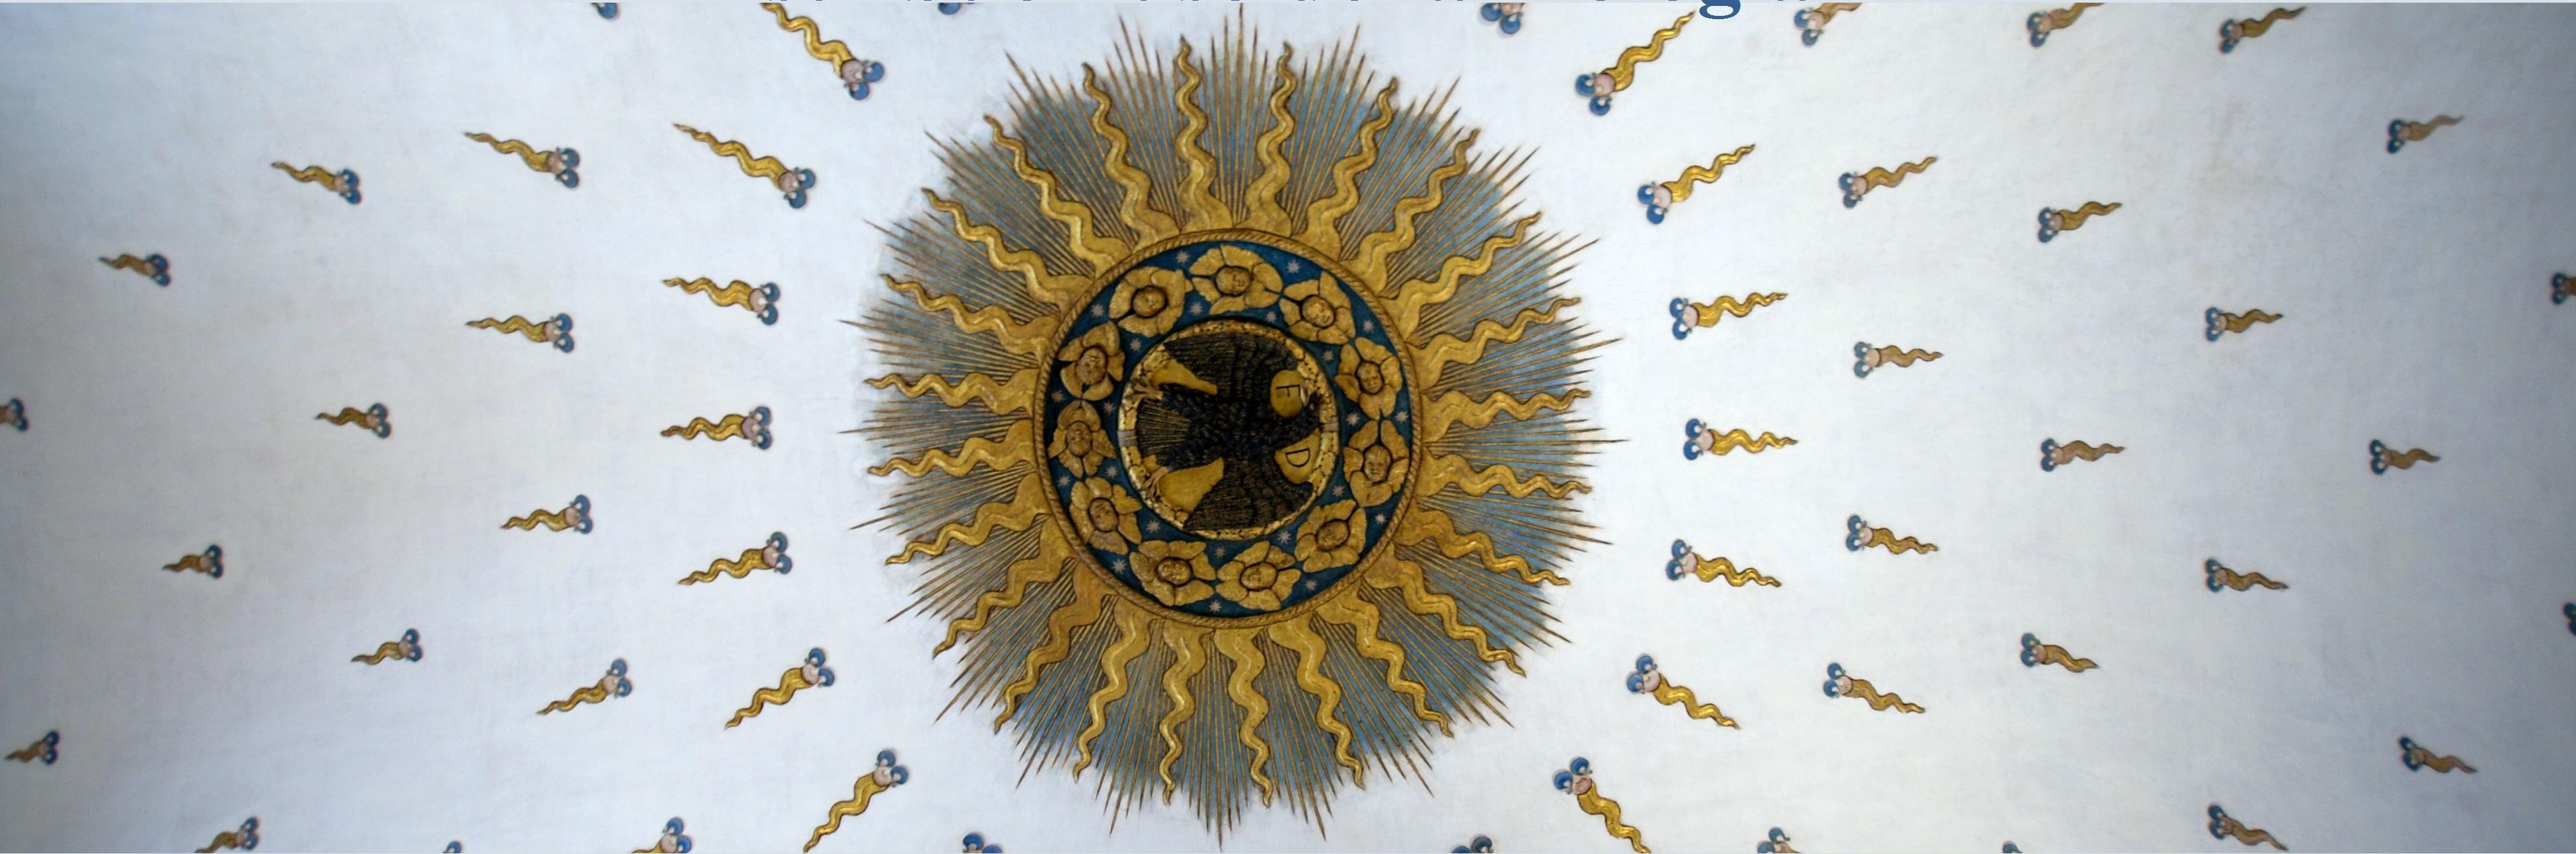 Immagine per gentile concessione del Ministero dei Beni delle Attività Culturali - Galleria Nazionale delle Marche ǀ Palazzo Ducale di Urbino